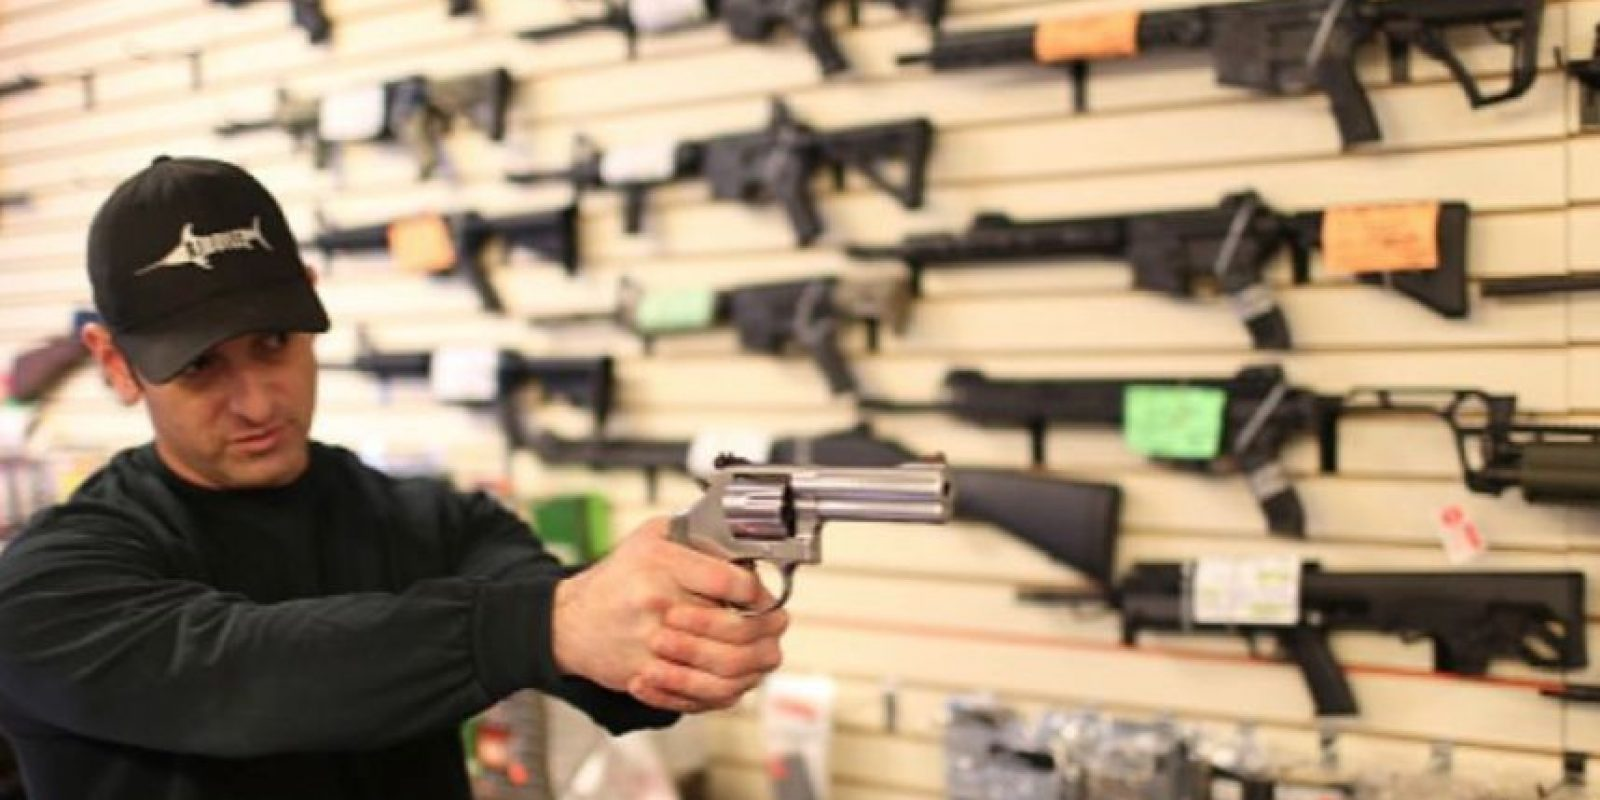 Pero entre 2007 y 2013 se reportaron 16.4 tiroteos masivos en promedio cada año. Foto:Getty Images